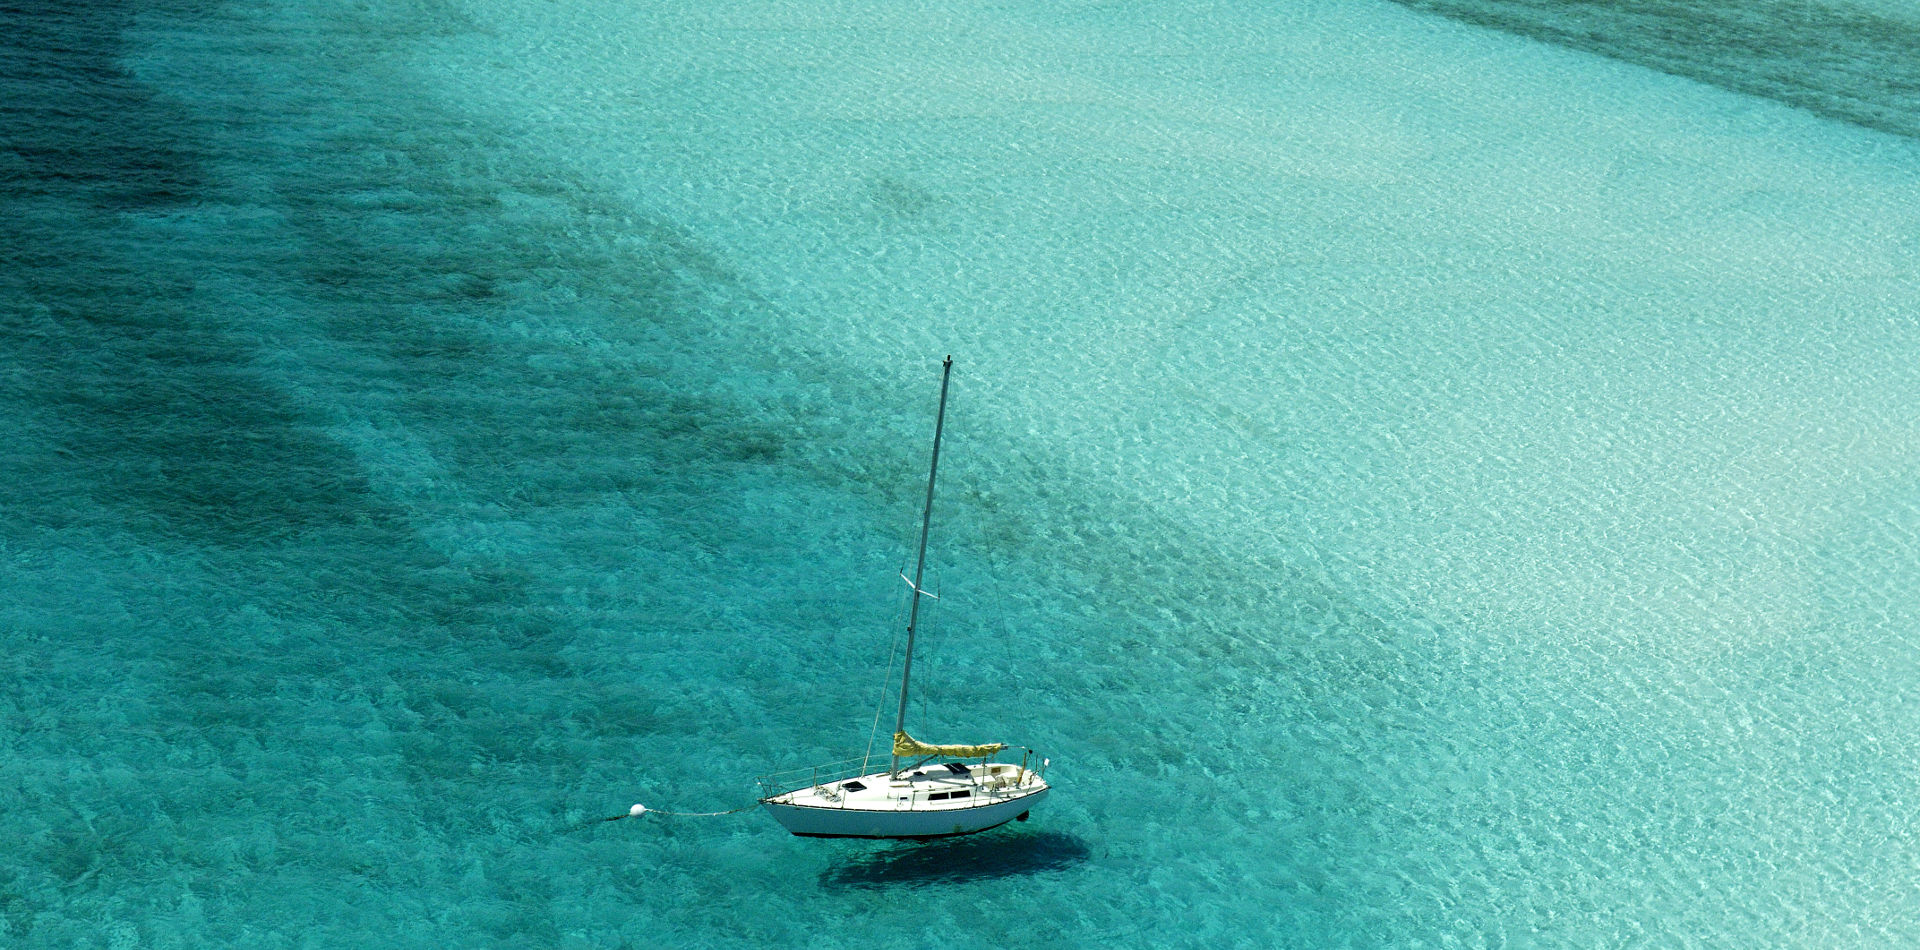 Luxusreise Bahamas, Individualreise Bahamas, Luxushotel Bahamas, Luxusurlaub Bahamas